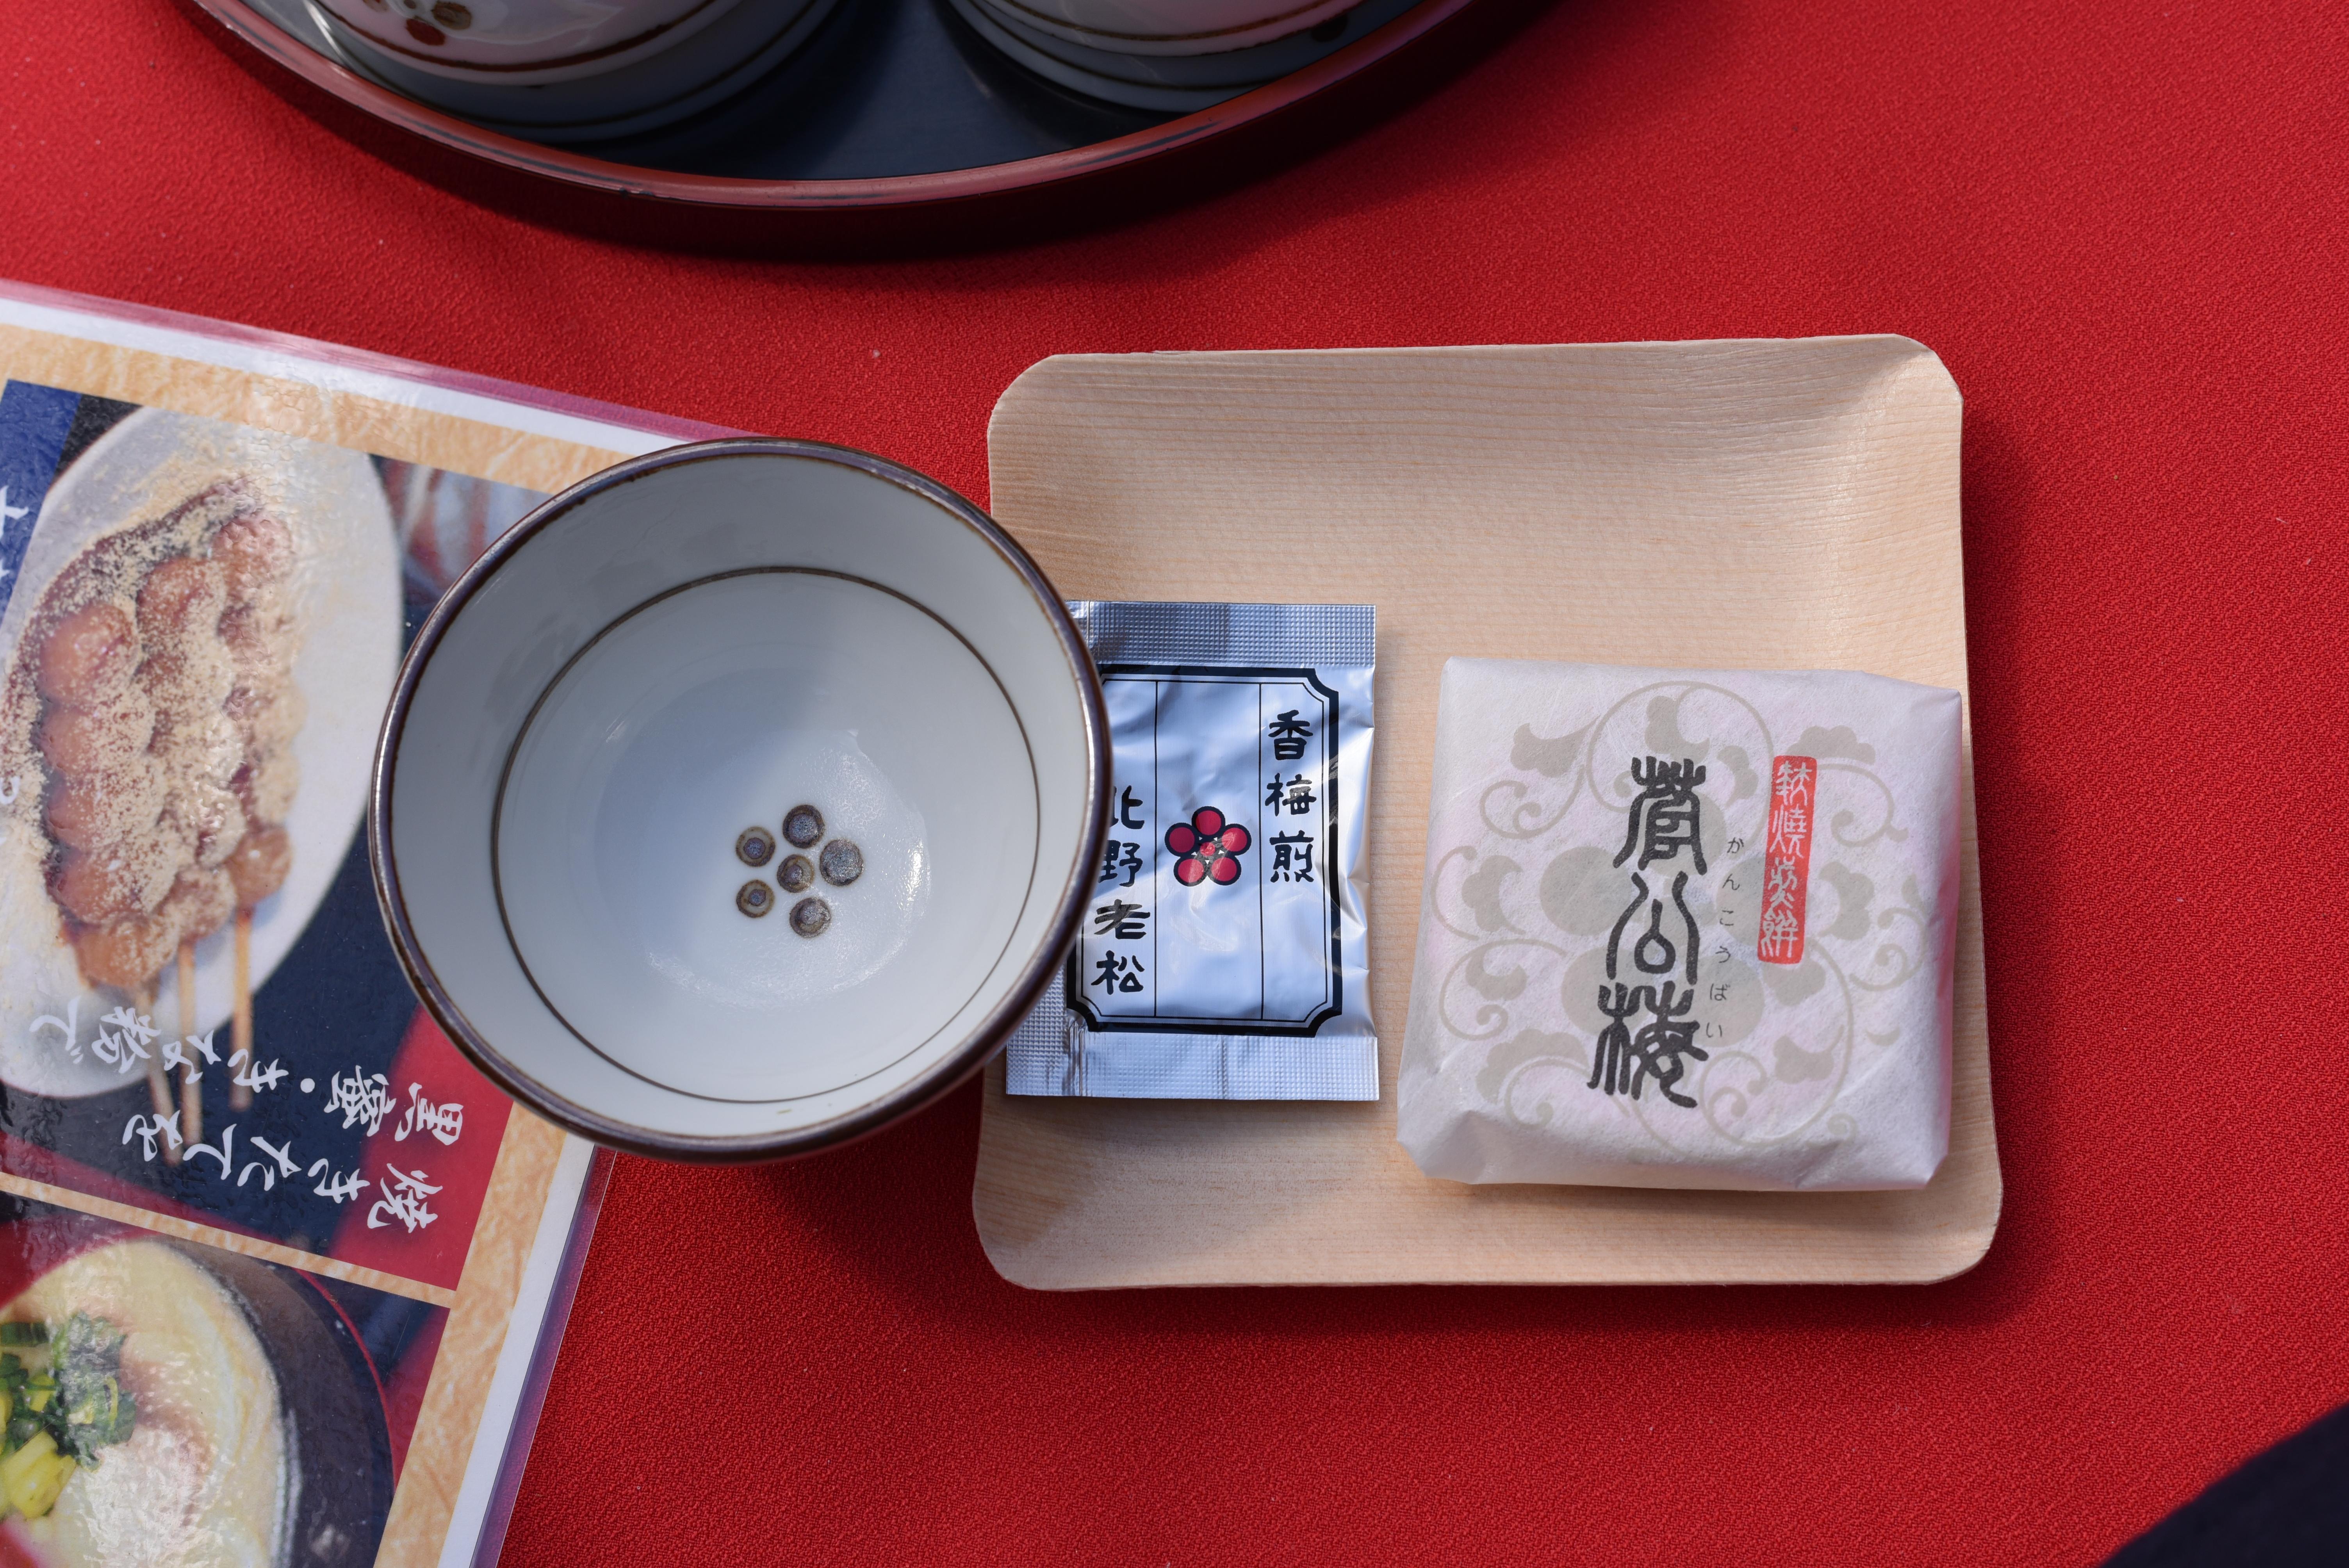 北野天満宮 梅 茶菓子